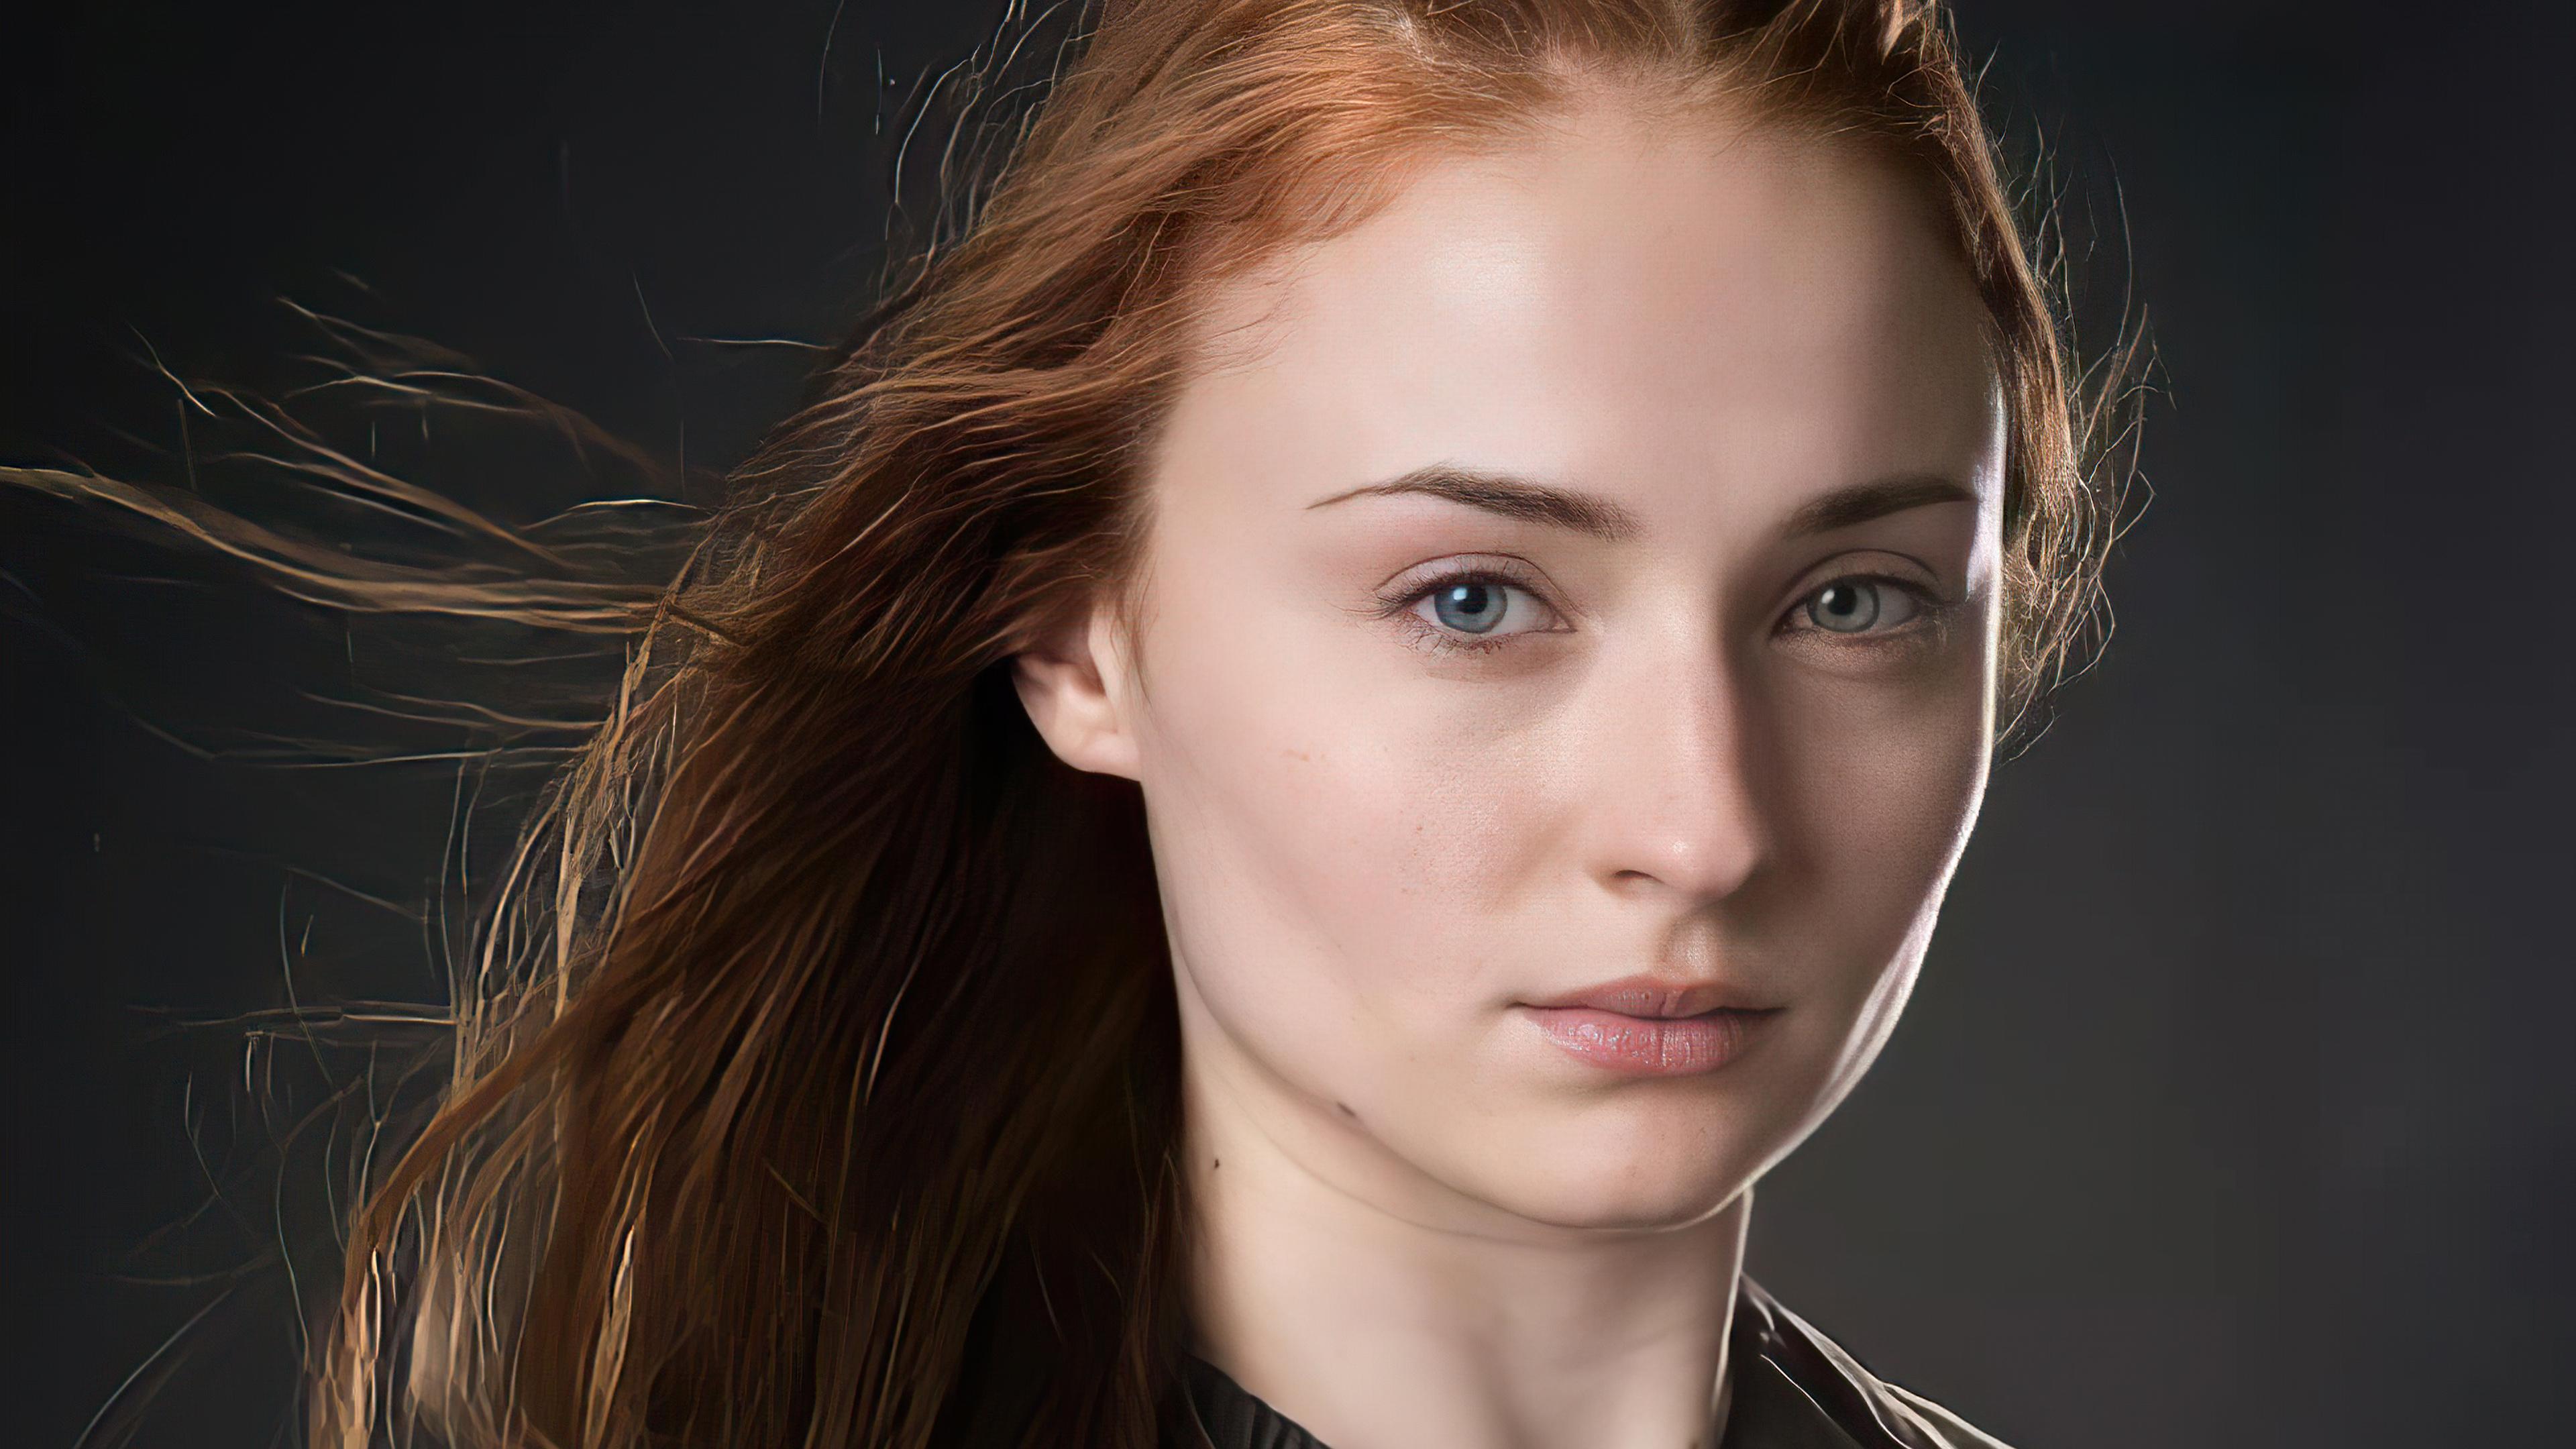 Wallpaper Sophie Turner as Sansa Stark